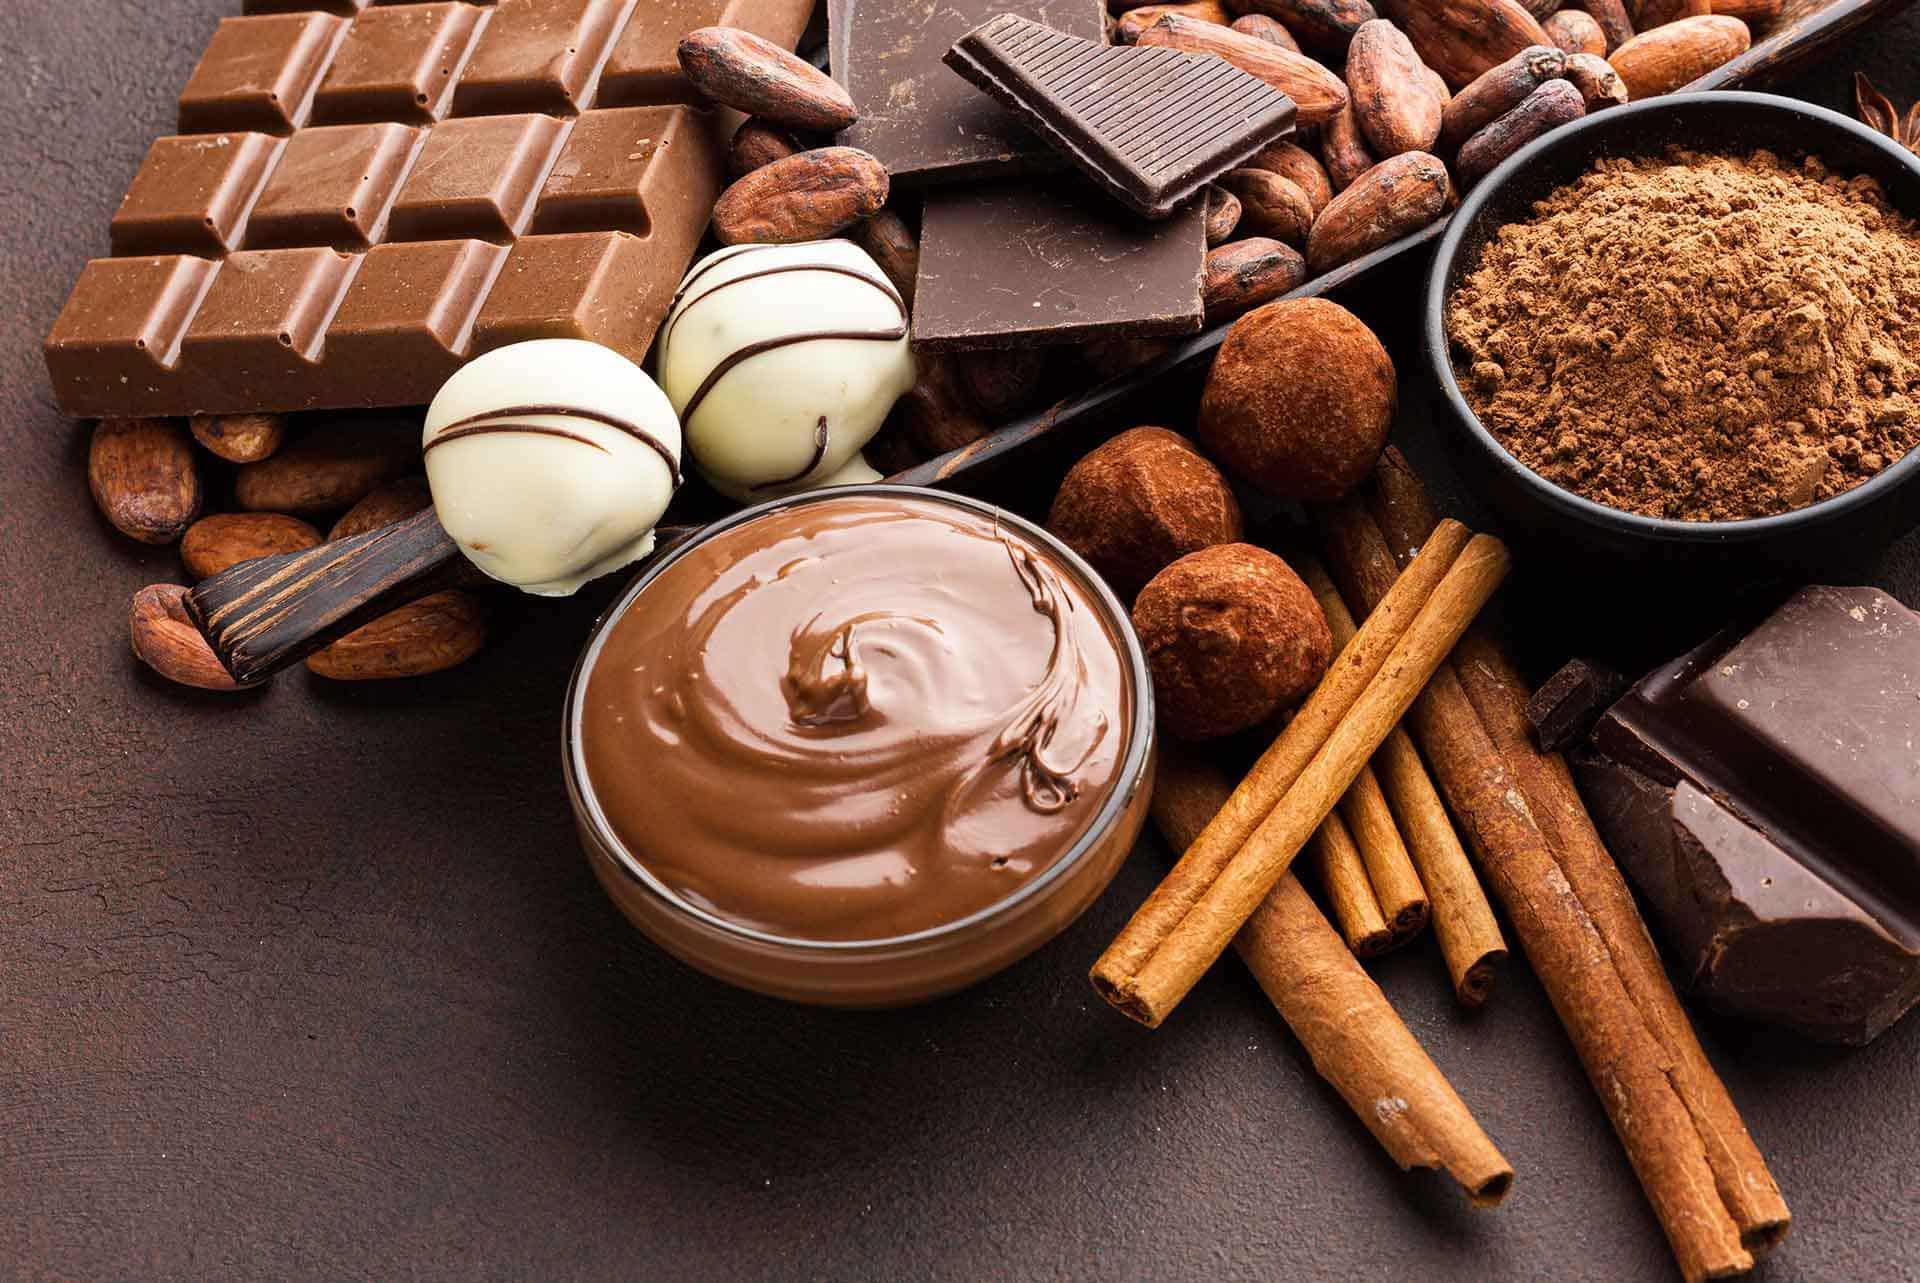 En Sağlıklı Çikolata Türü